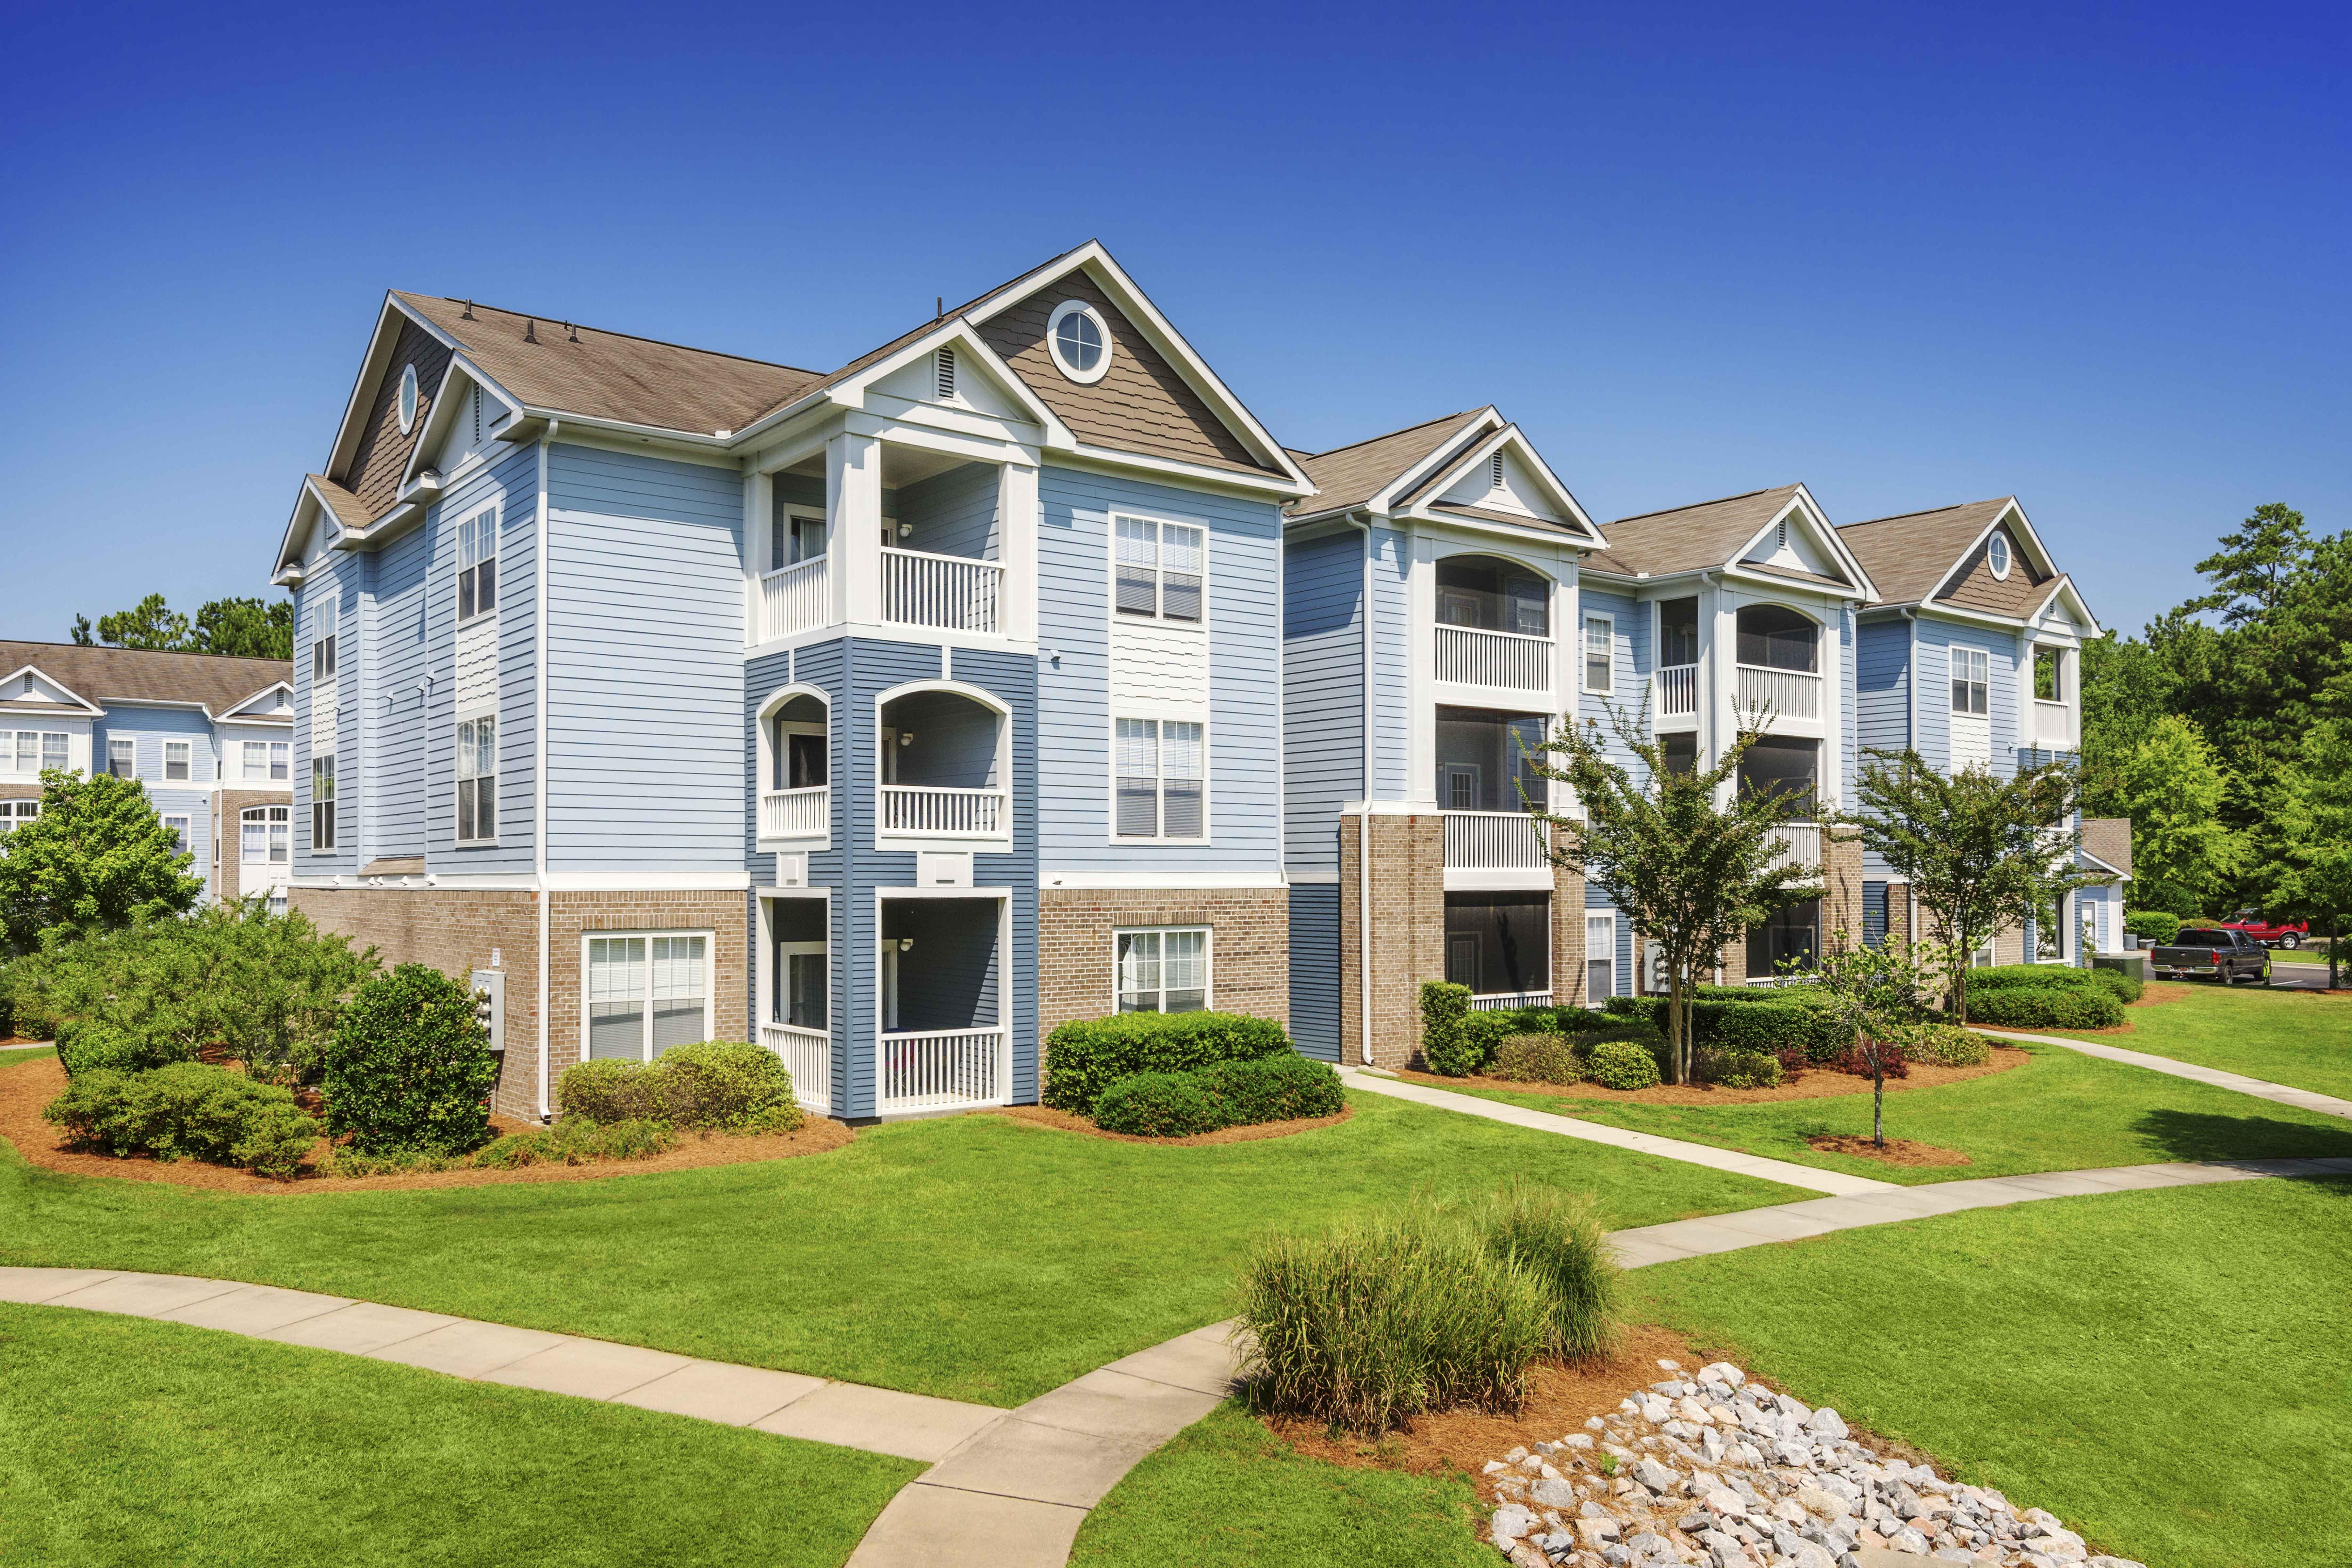 1001 Bear Island Rd Unit 422 Summerville Rental